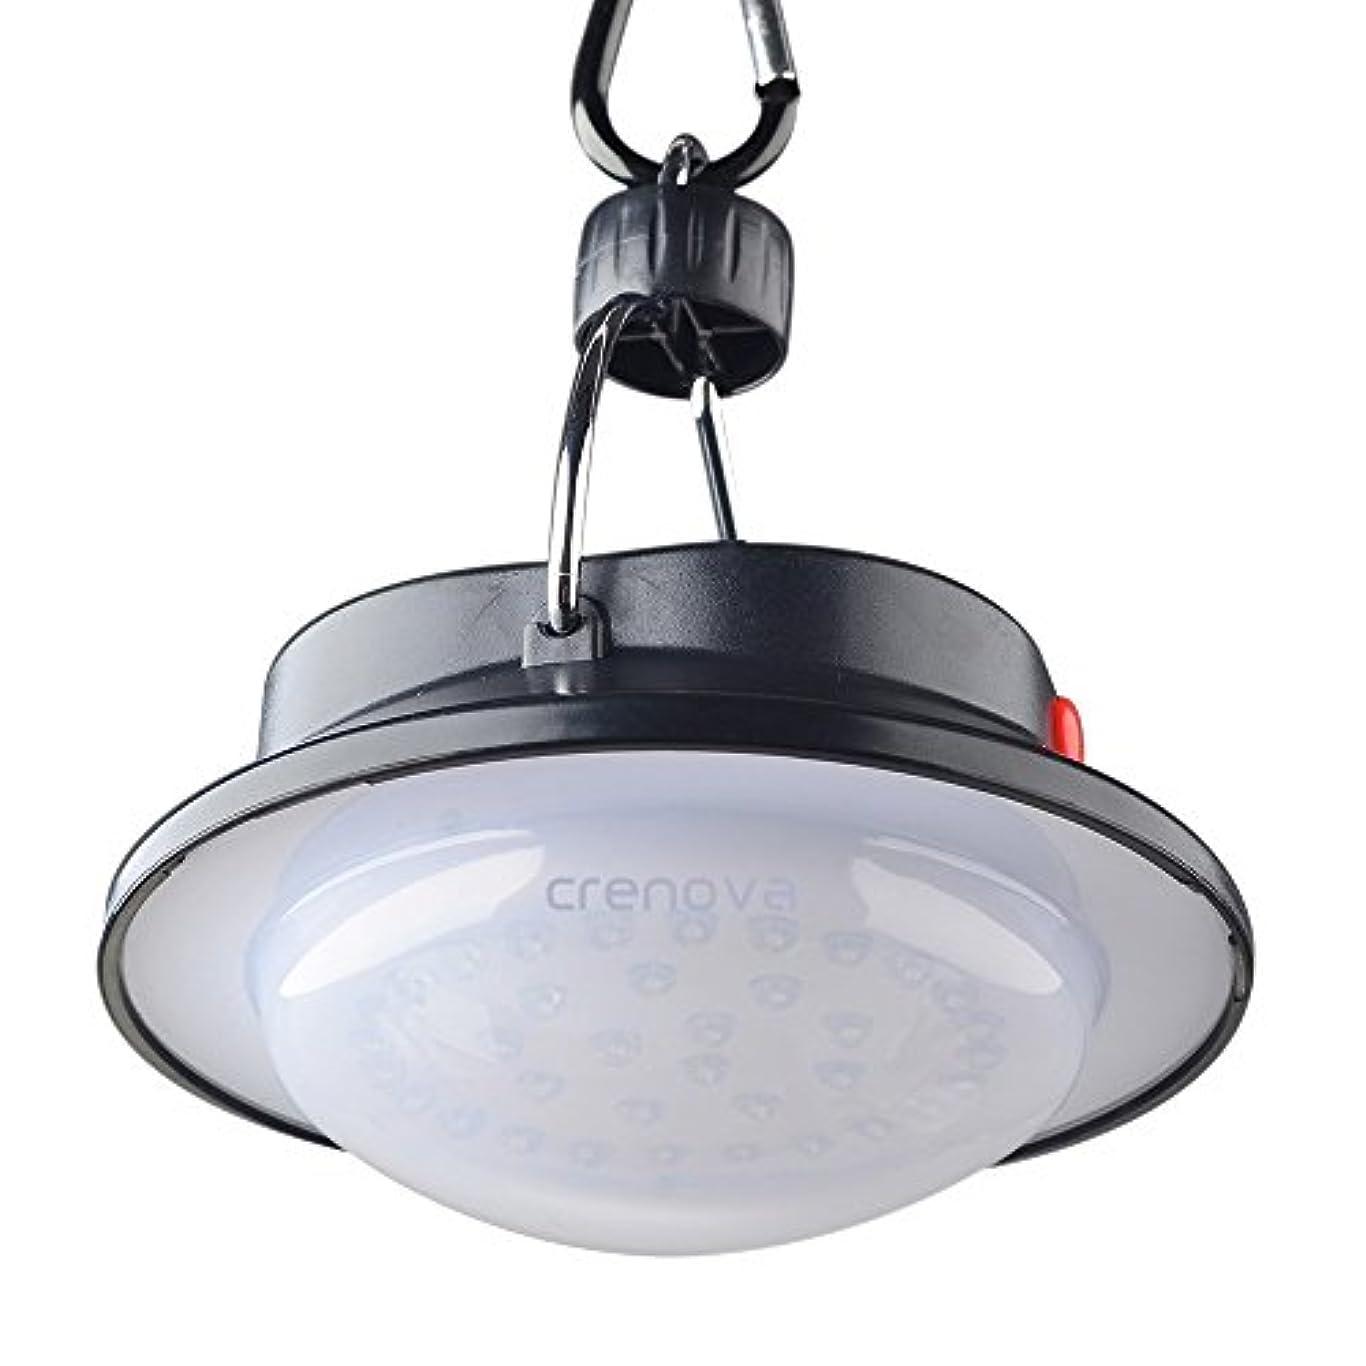 Crenova 携帯型 LEDランプ キャンプ用ライト高輝度60 LED搭載 3段階調光 LEDランタン アウトドアスポットライト